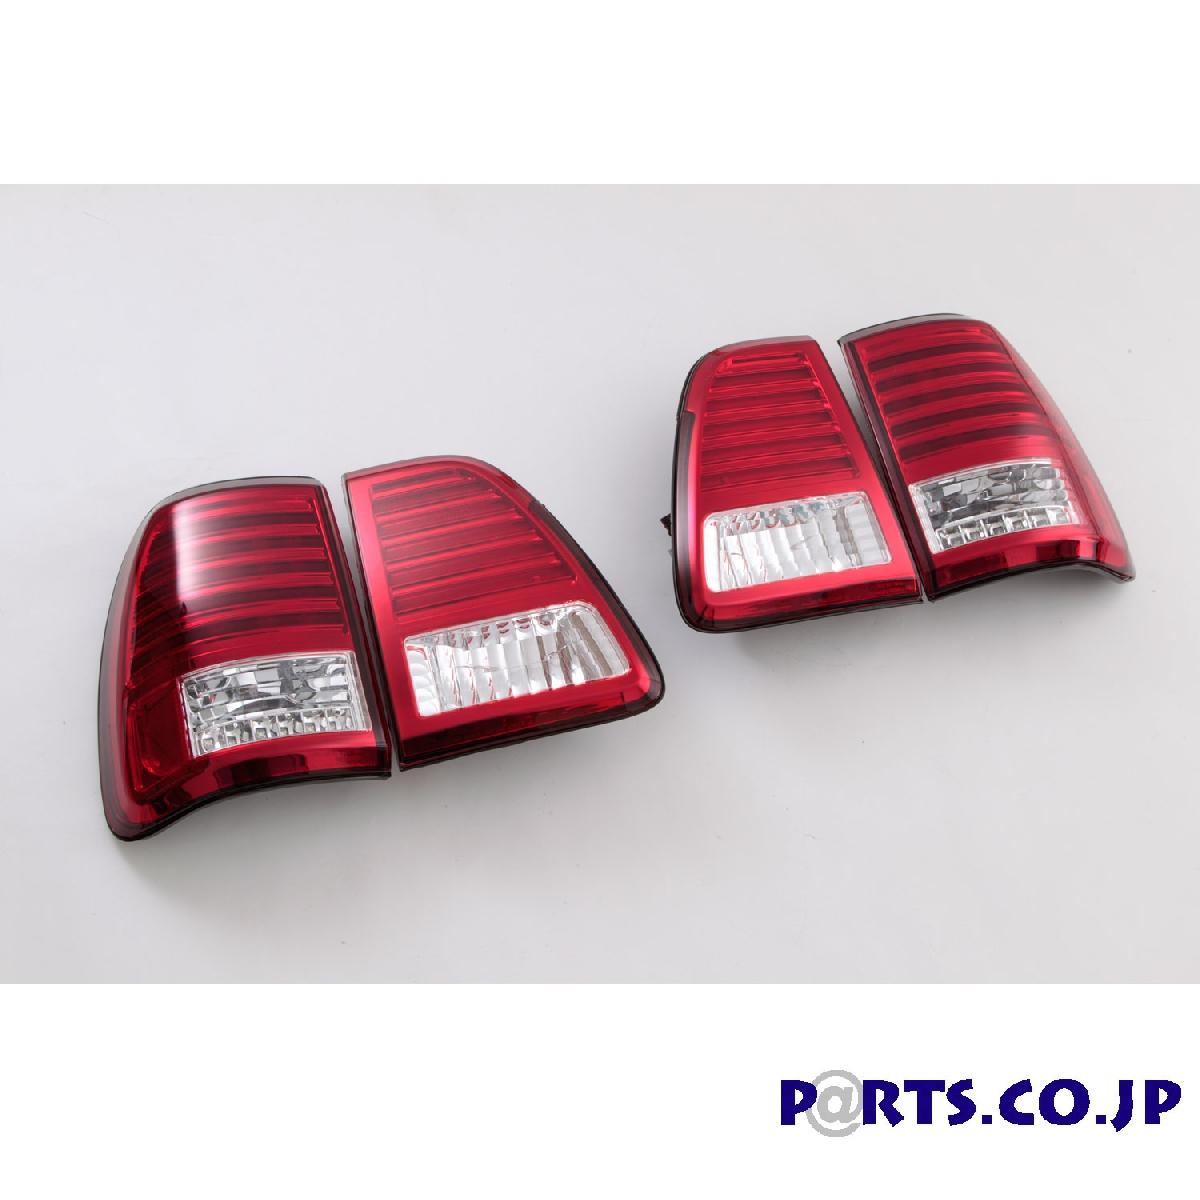 SONAR(ソナー) テールライト トヨタ ランドクルーザー LEDテール レッド/クリア 98-07 100系 ランクル